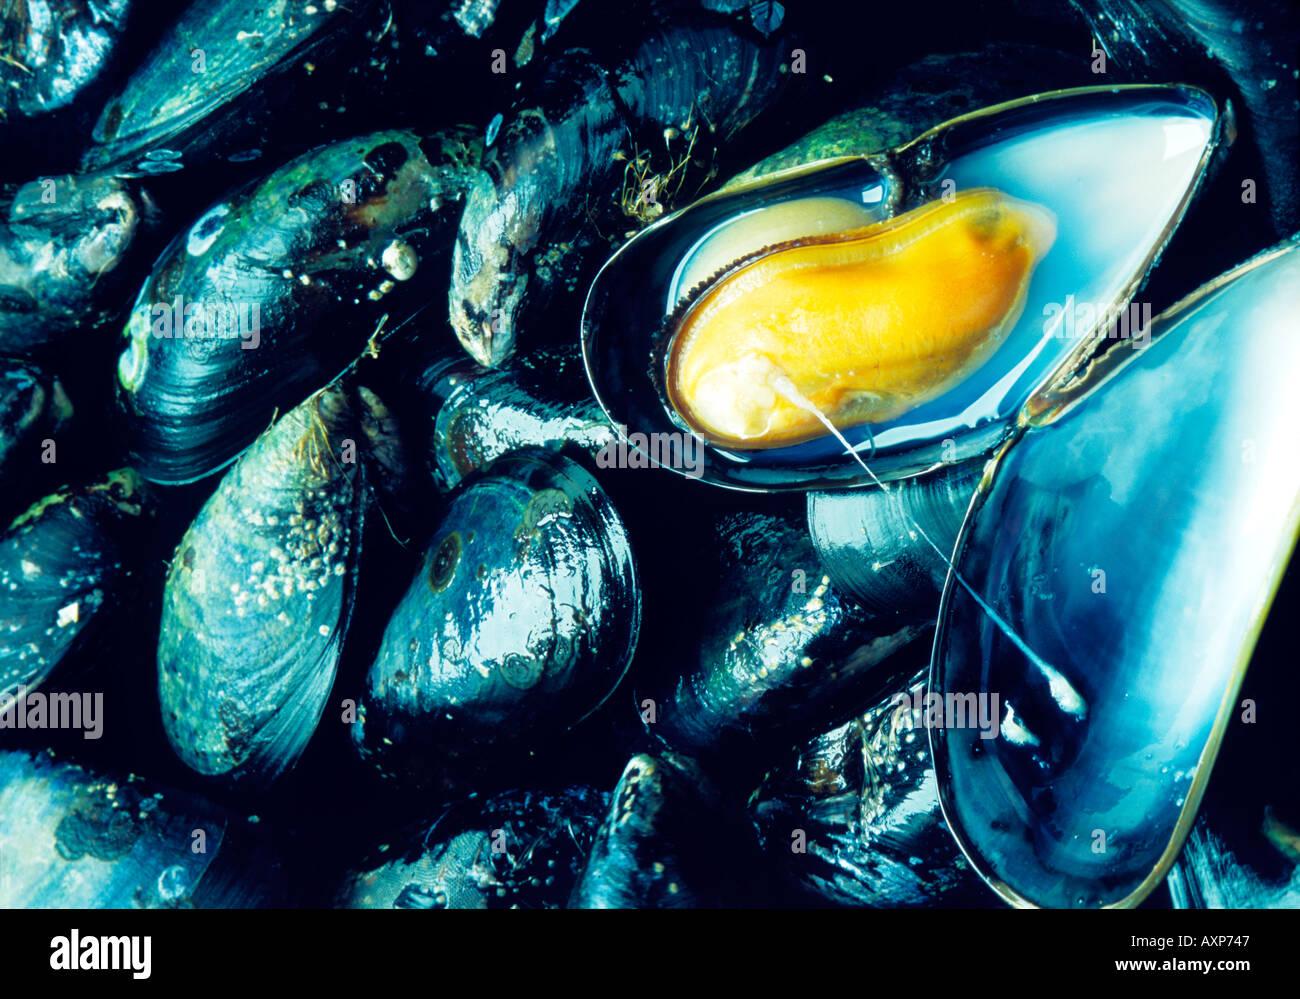 Increíble Anatomía Azul Mejillón Fotos - Anatomía de Las Imágenesdel ...